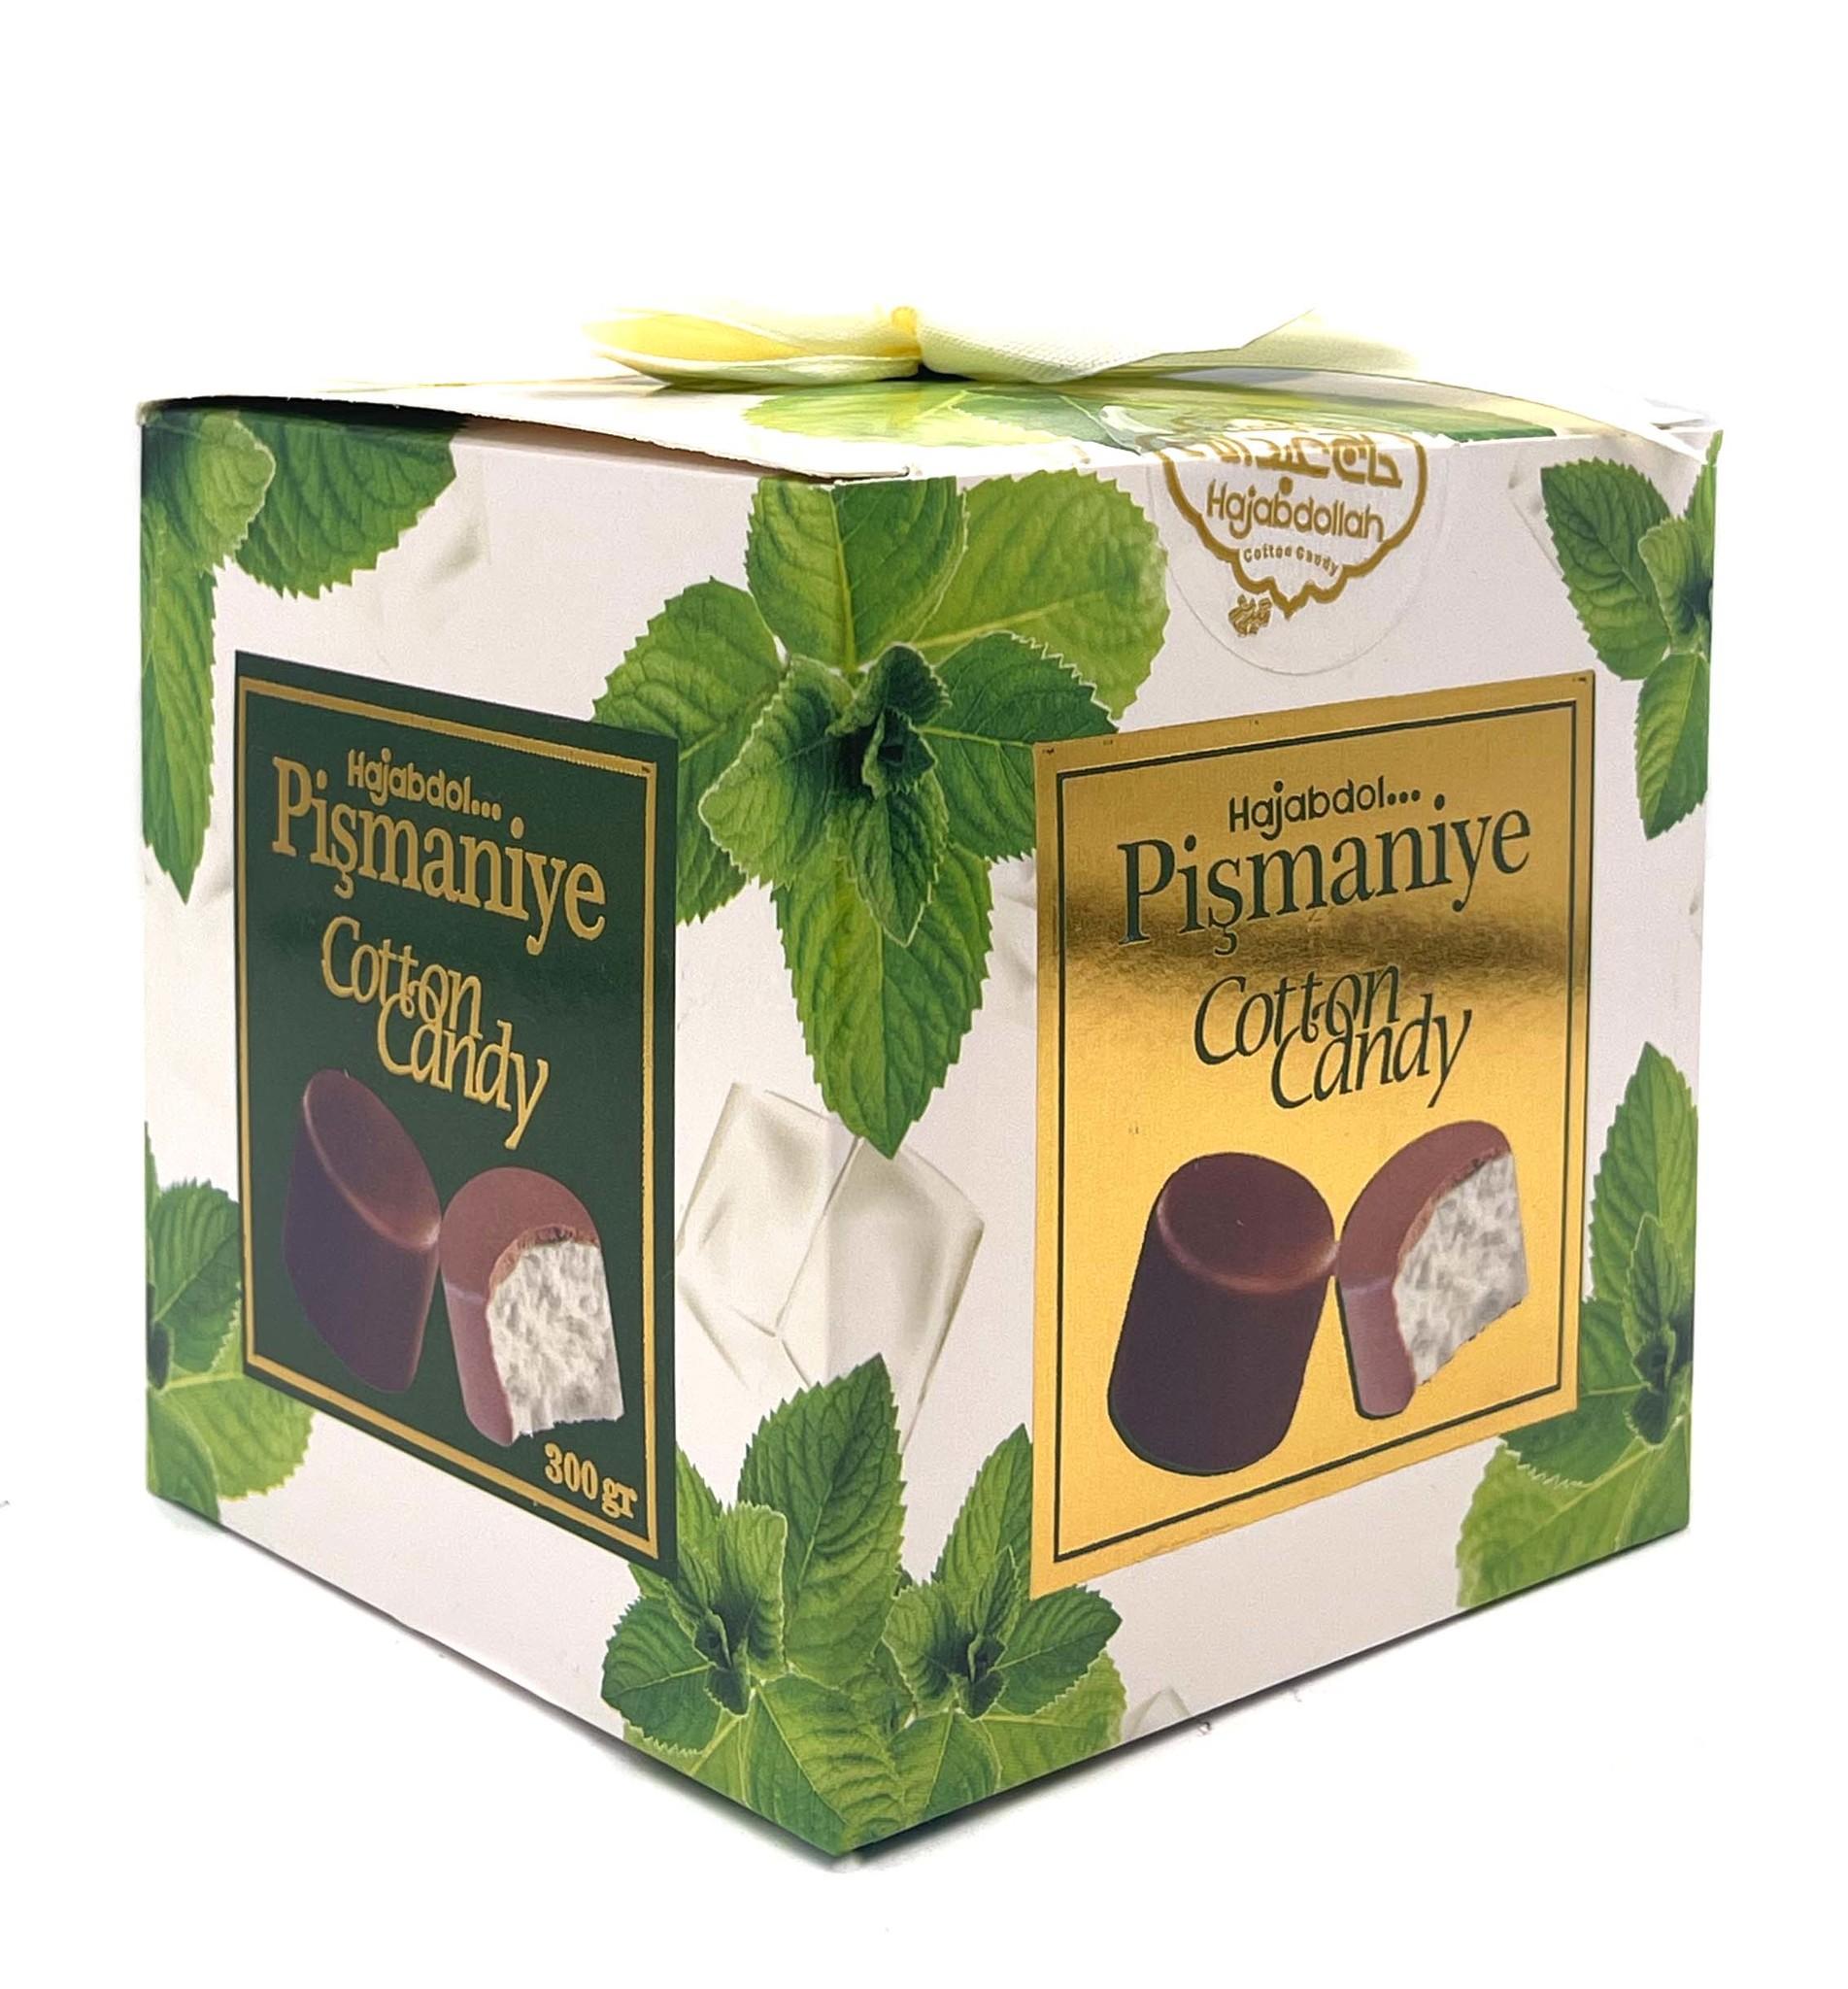 Hajabdollah Пишмание со вкусом мяты в шоколадной глазури в подарочной упаковке, Hajabdollah, 300 г import_files_f2_f28c3758120b11ecaa02484d7ecee297_f46e20e2120811ecaa02484d7ecee297.jpg